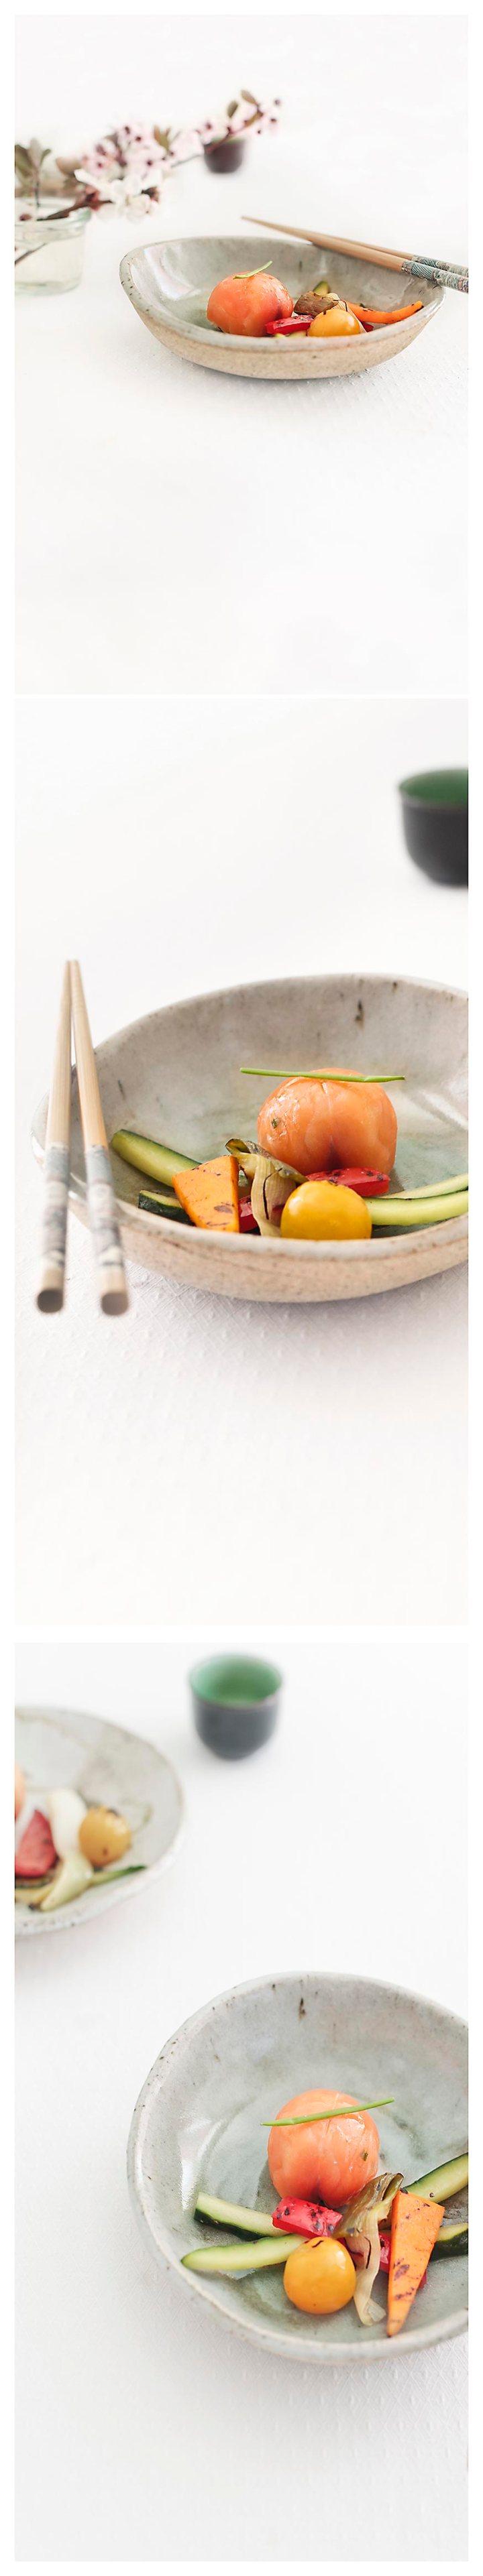 temarizushi y vegetales